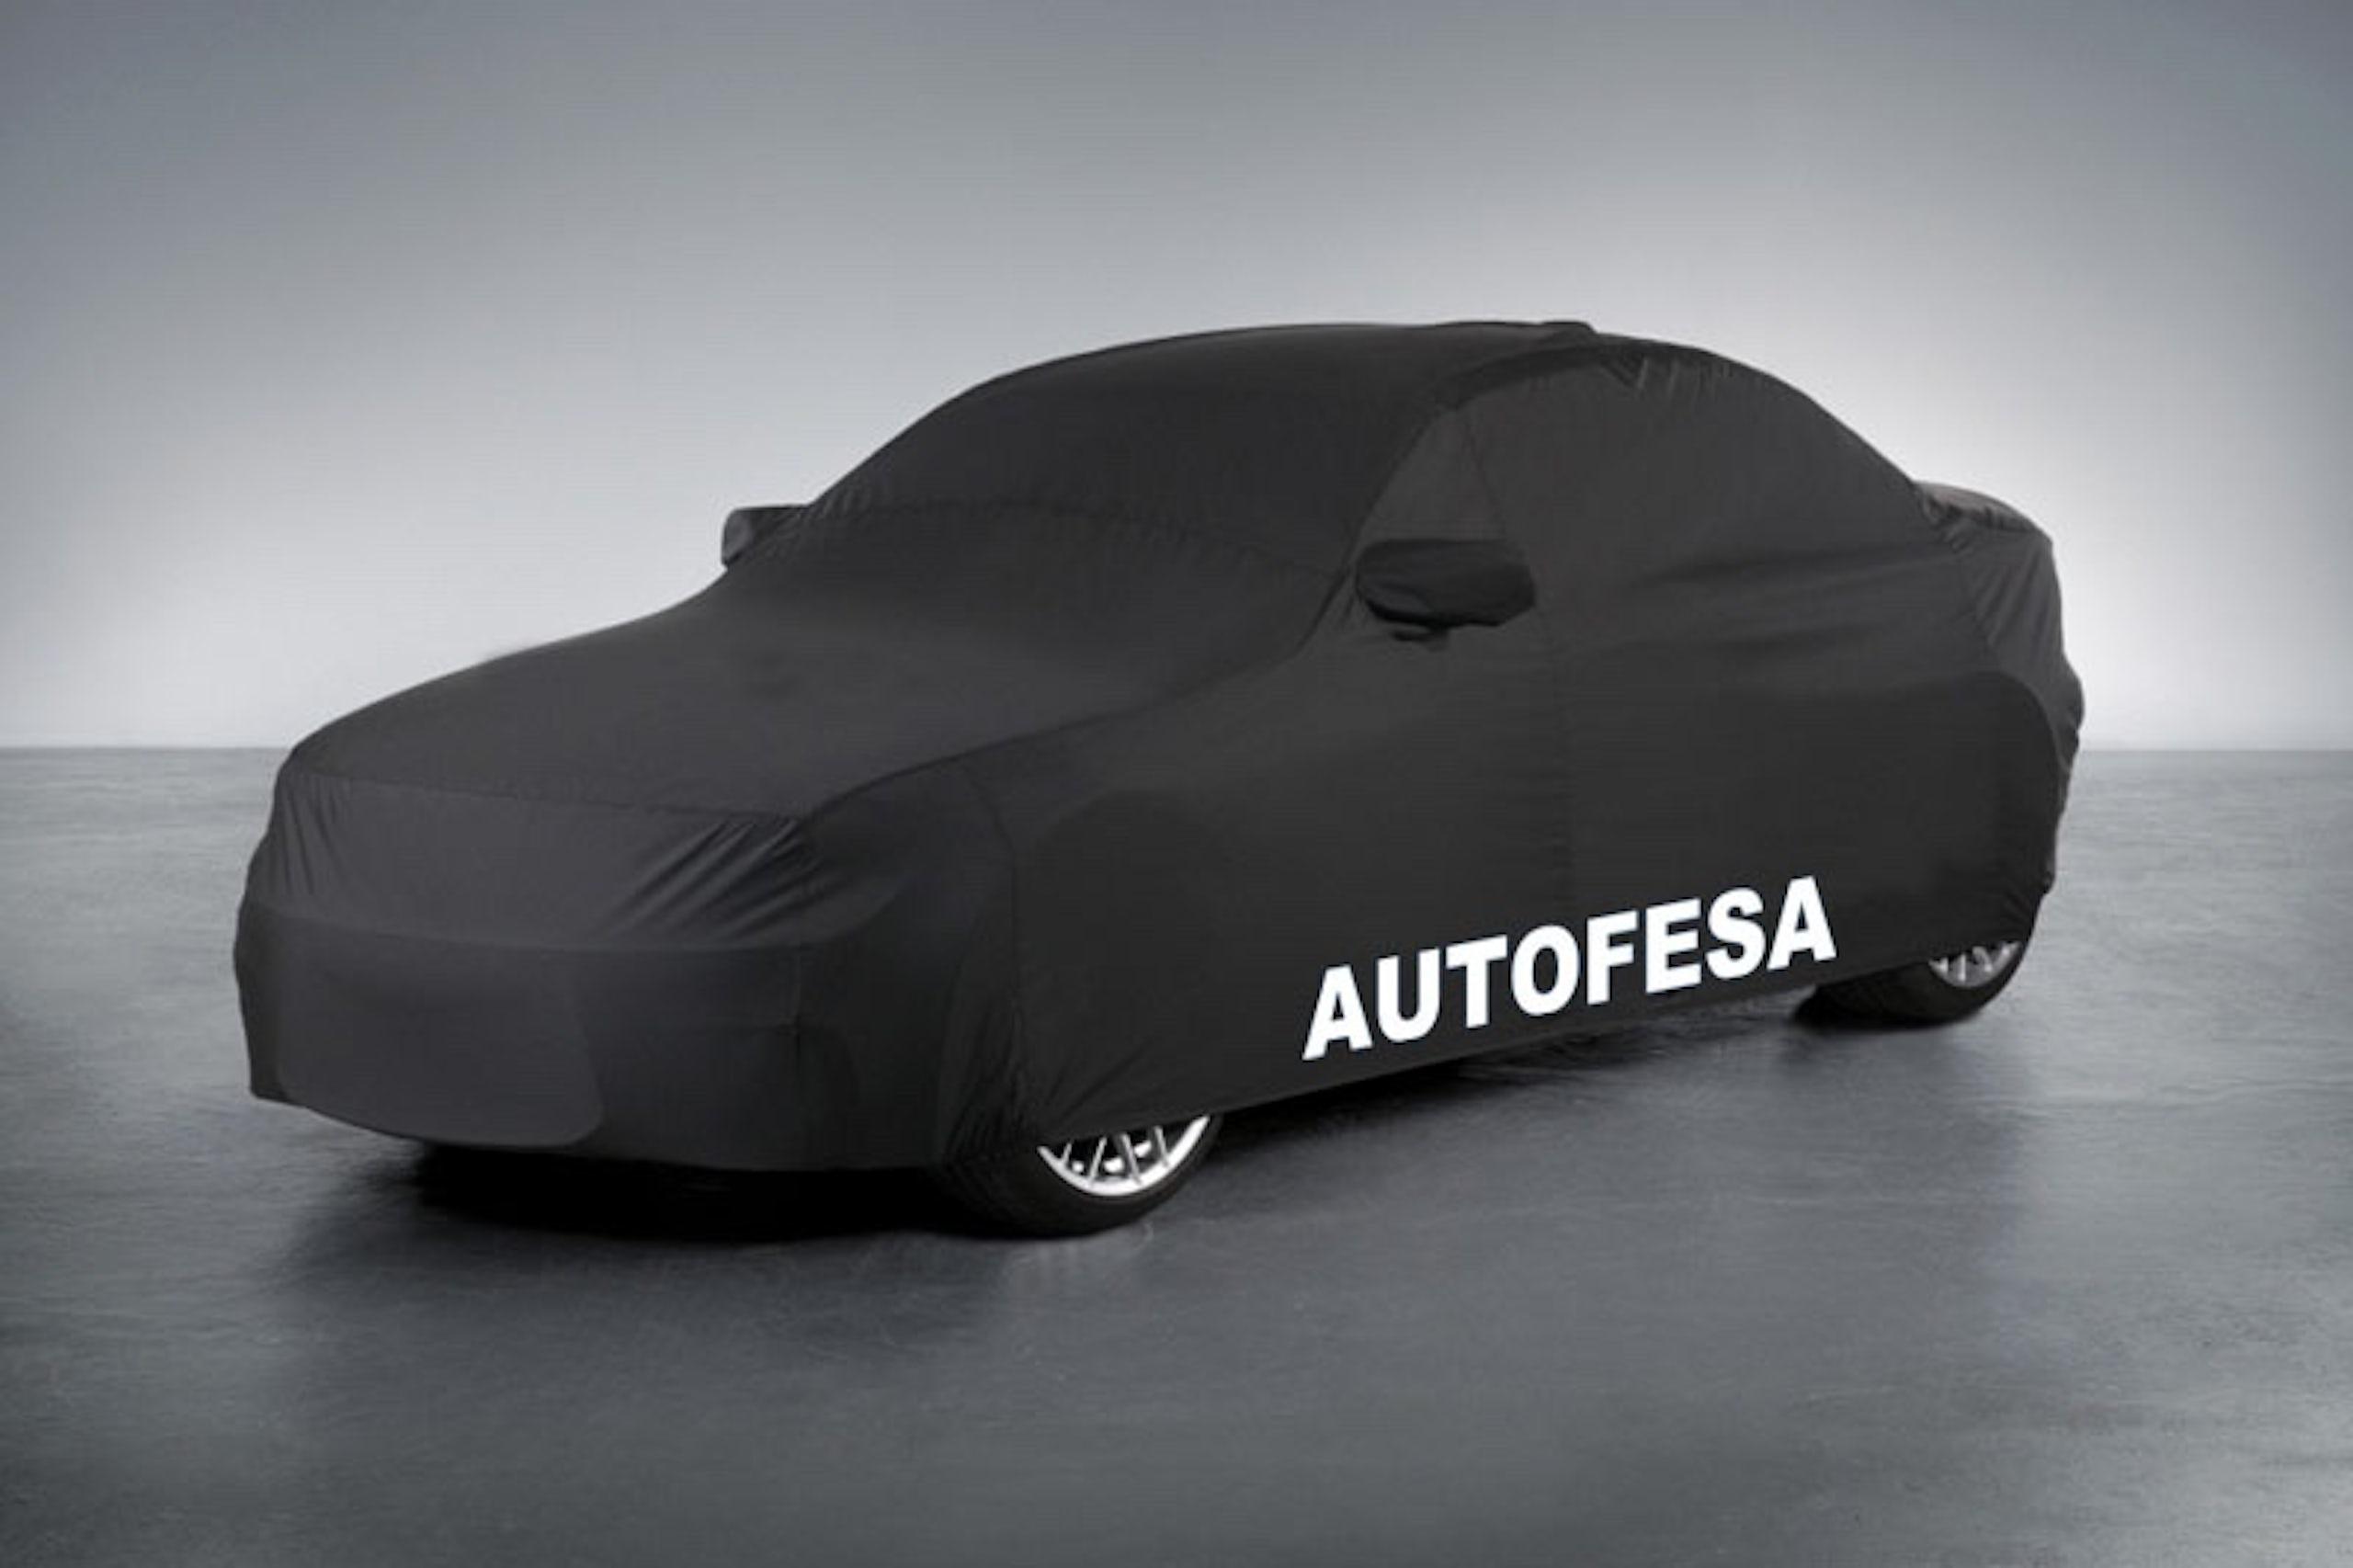 Audi Q7 3.0 TDI 233cv quattro Tiptronic 5p 7plz Auto - Foto 19